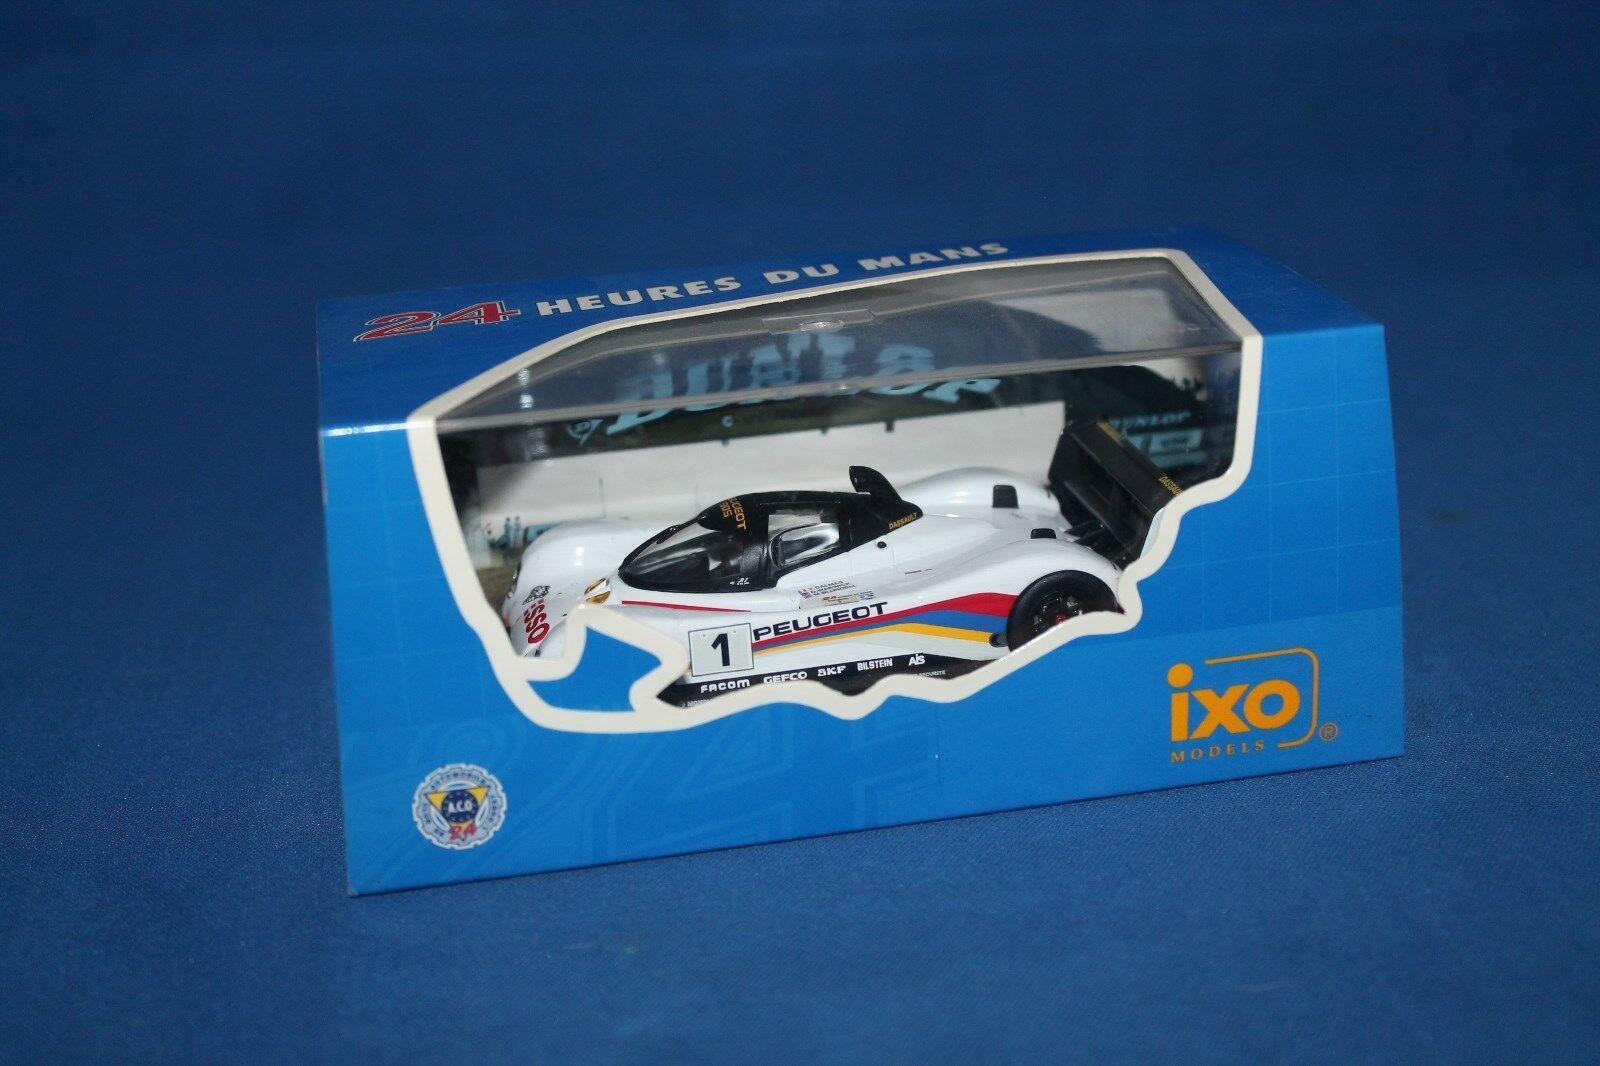 Ixo Peugeot 905 Le Mans 1992 1 43 Scale LM1992